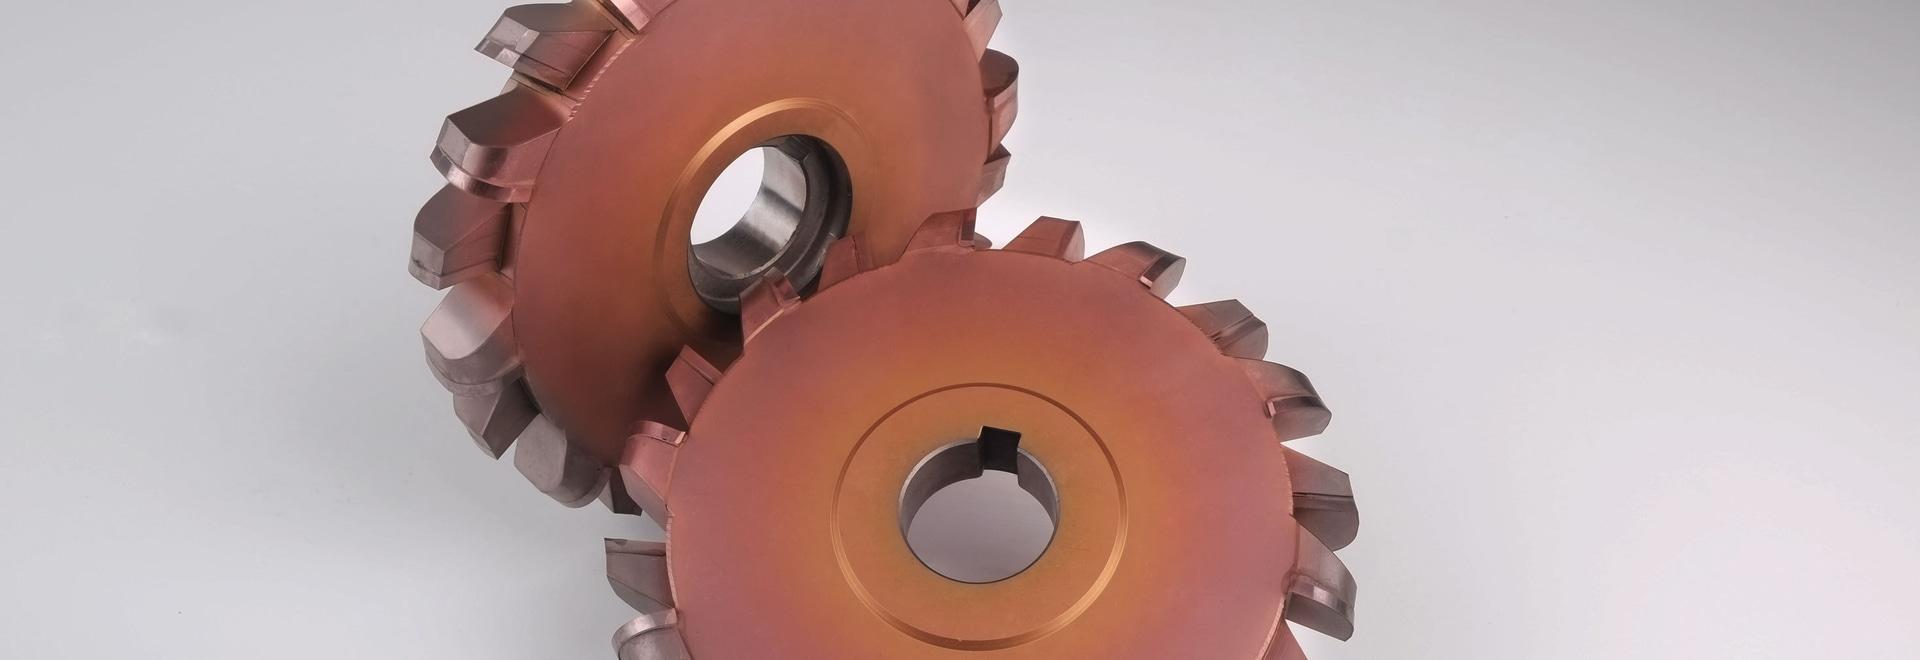 UMR - Outils de coupe pour la mécanique